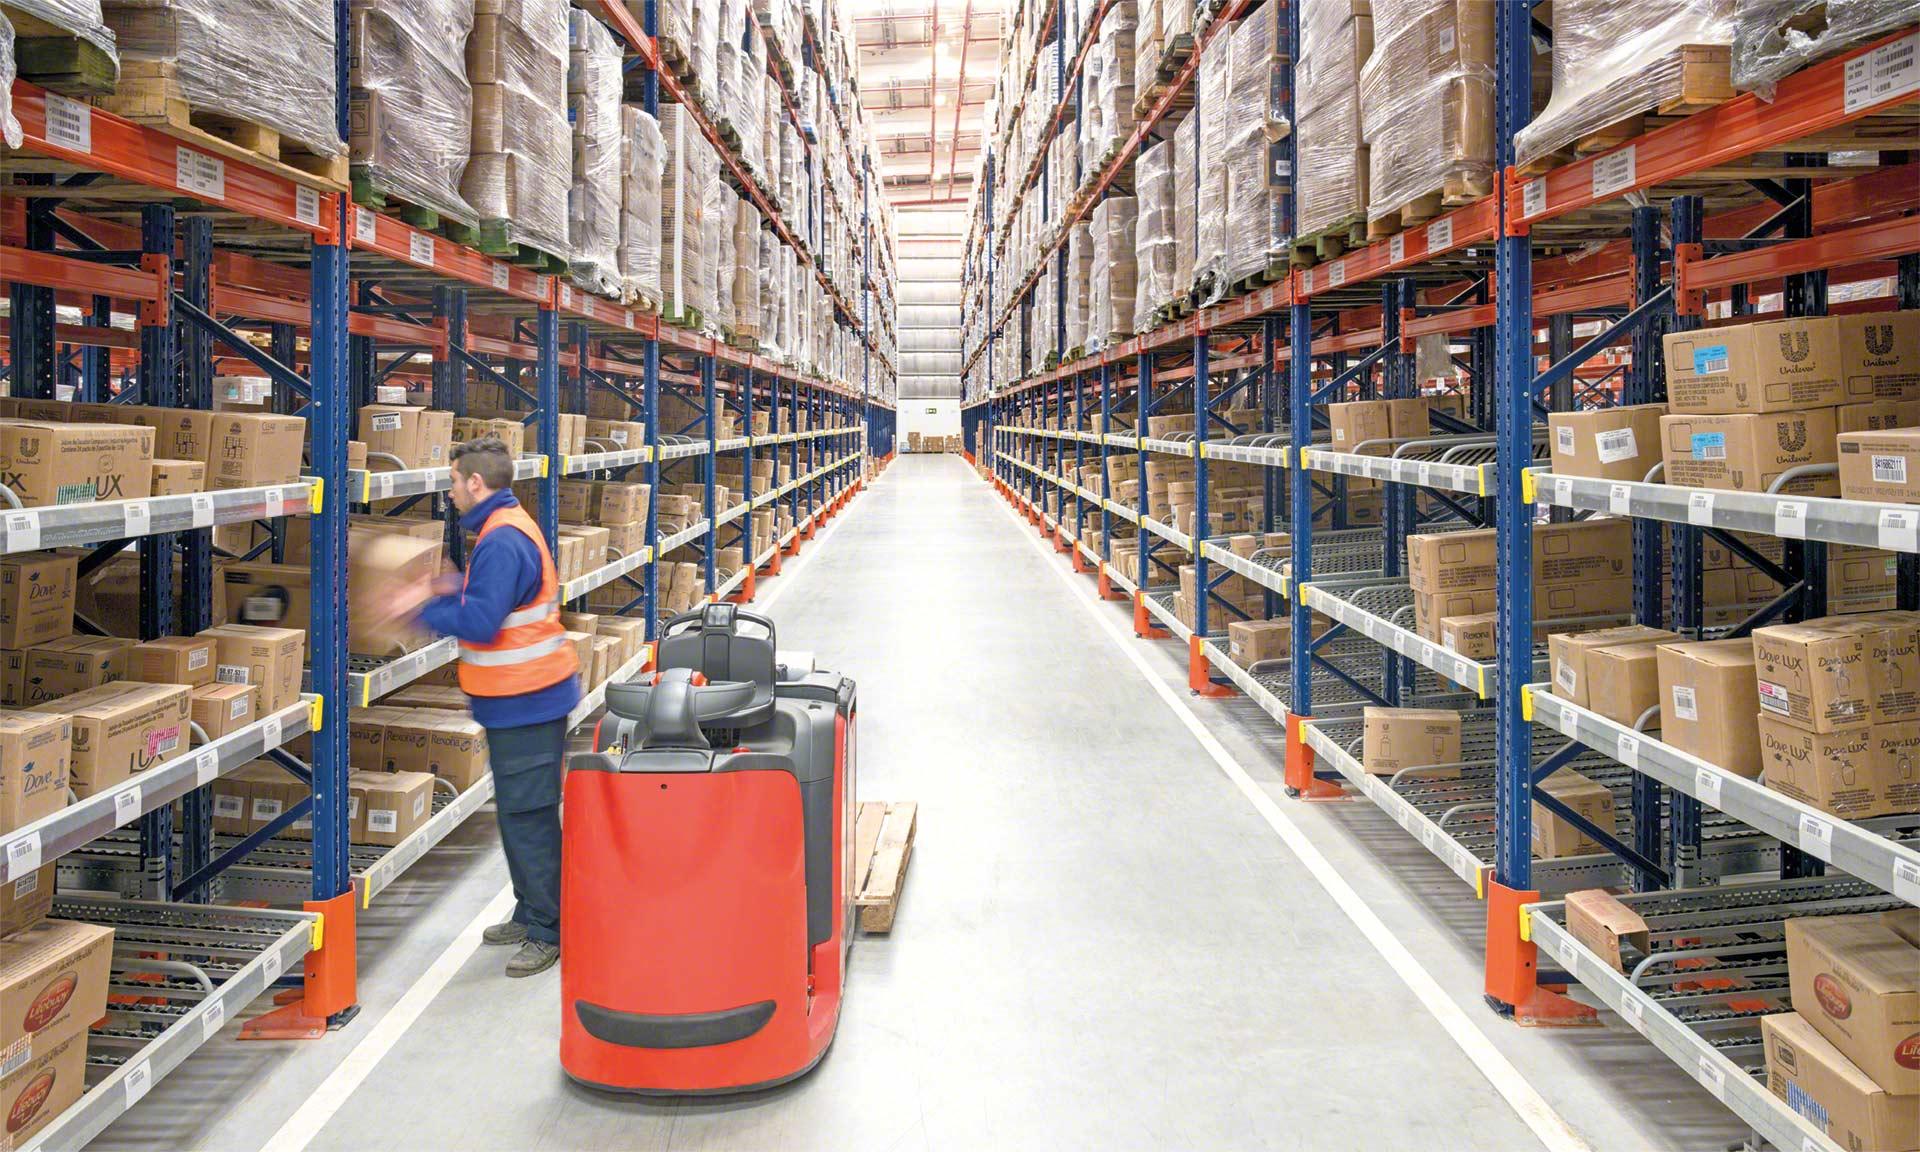 El preparador de pedidos es el trabajador encargado de recoger los productos que forman un pedido